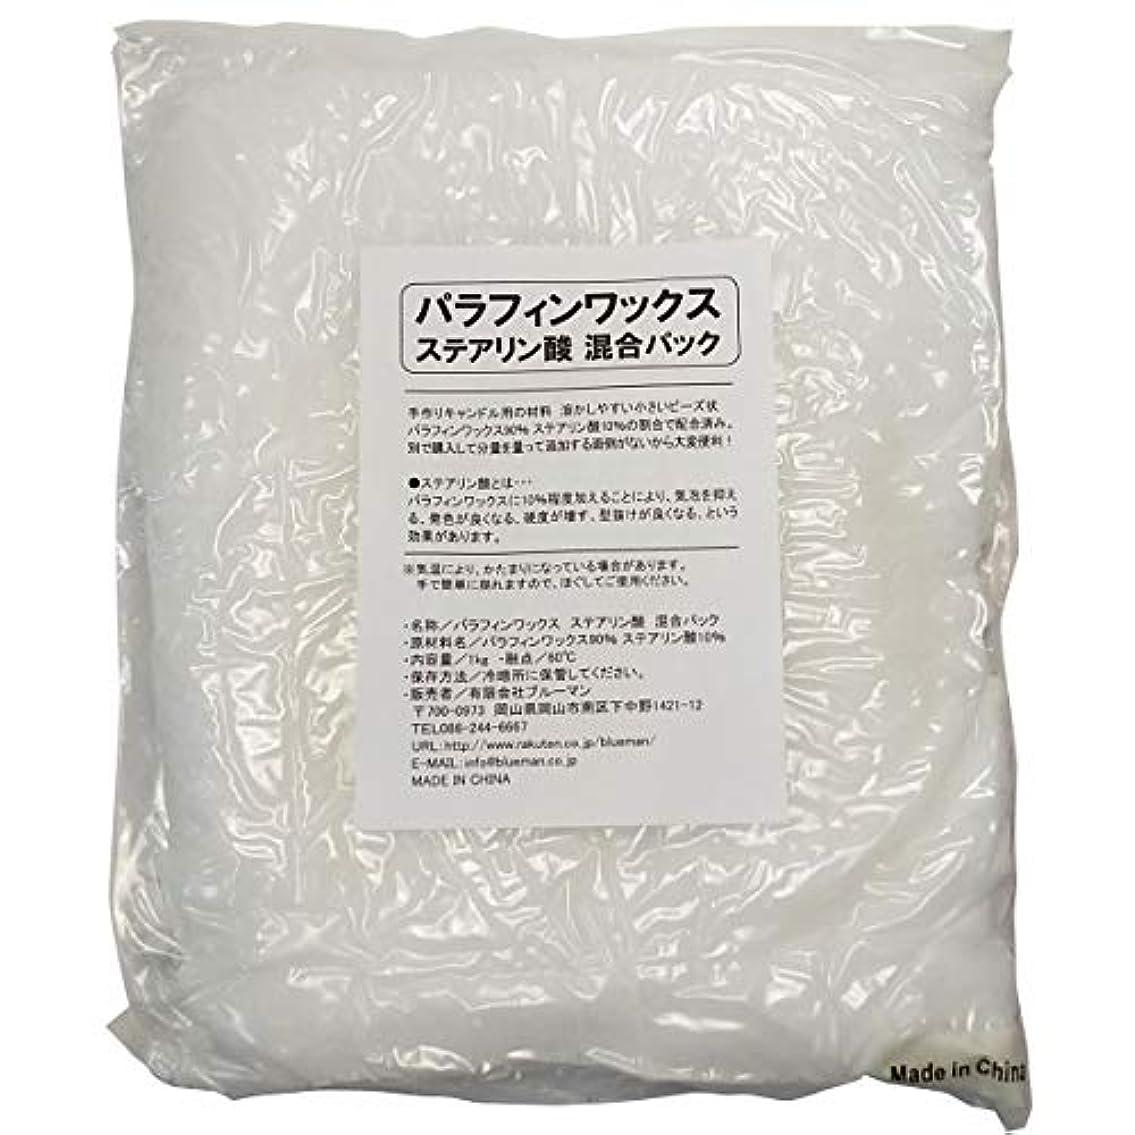 雄弁家百蘇生するパラフィンワックス ステアリン酸 混合パック 1kg 手作りキャンドル 材料 1キロ アロマワックスサシェ